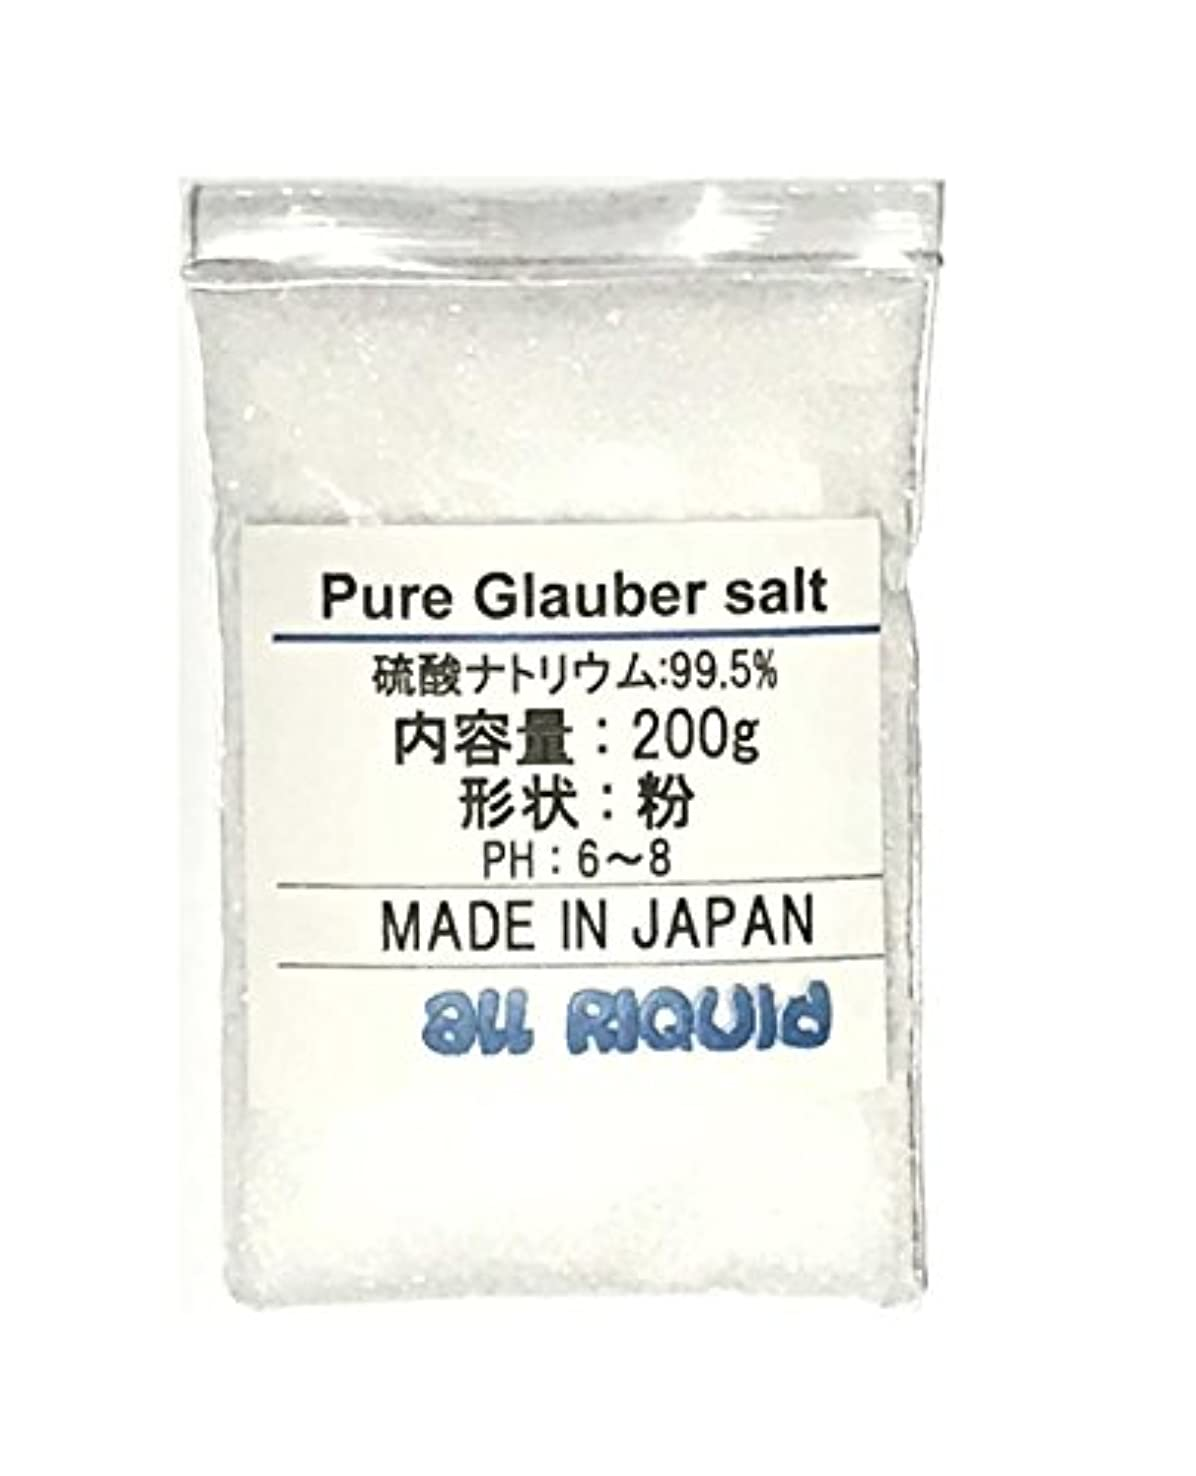 劇的与える参照純 グラウバー 無香料 200g x5 (硫酸ナトリウム) 50回分 99.5% 国産品 オールリキッド 芒硝